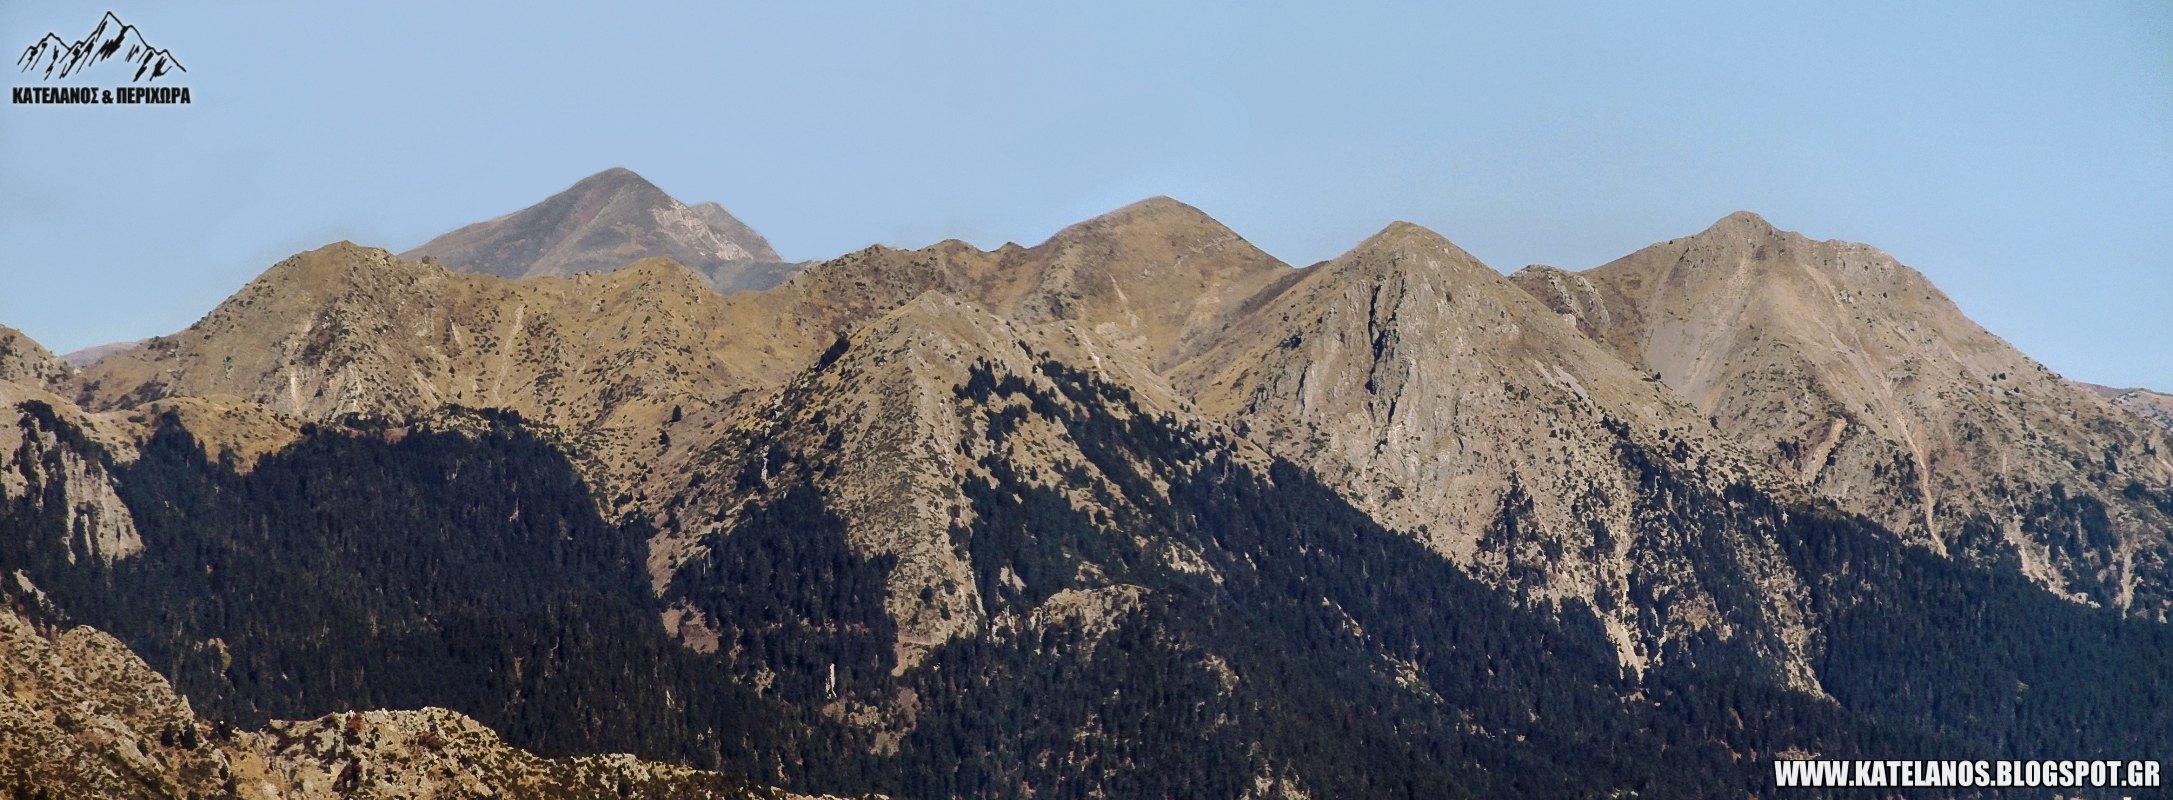 πλατανακι βουνο πλατανι παναιτωλικου ορους